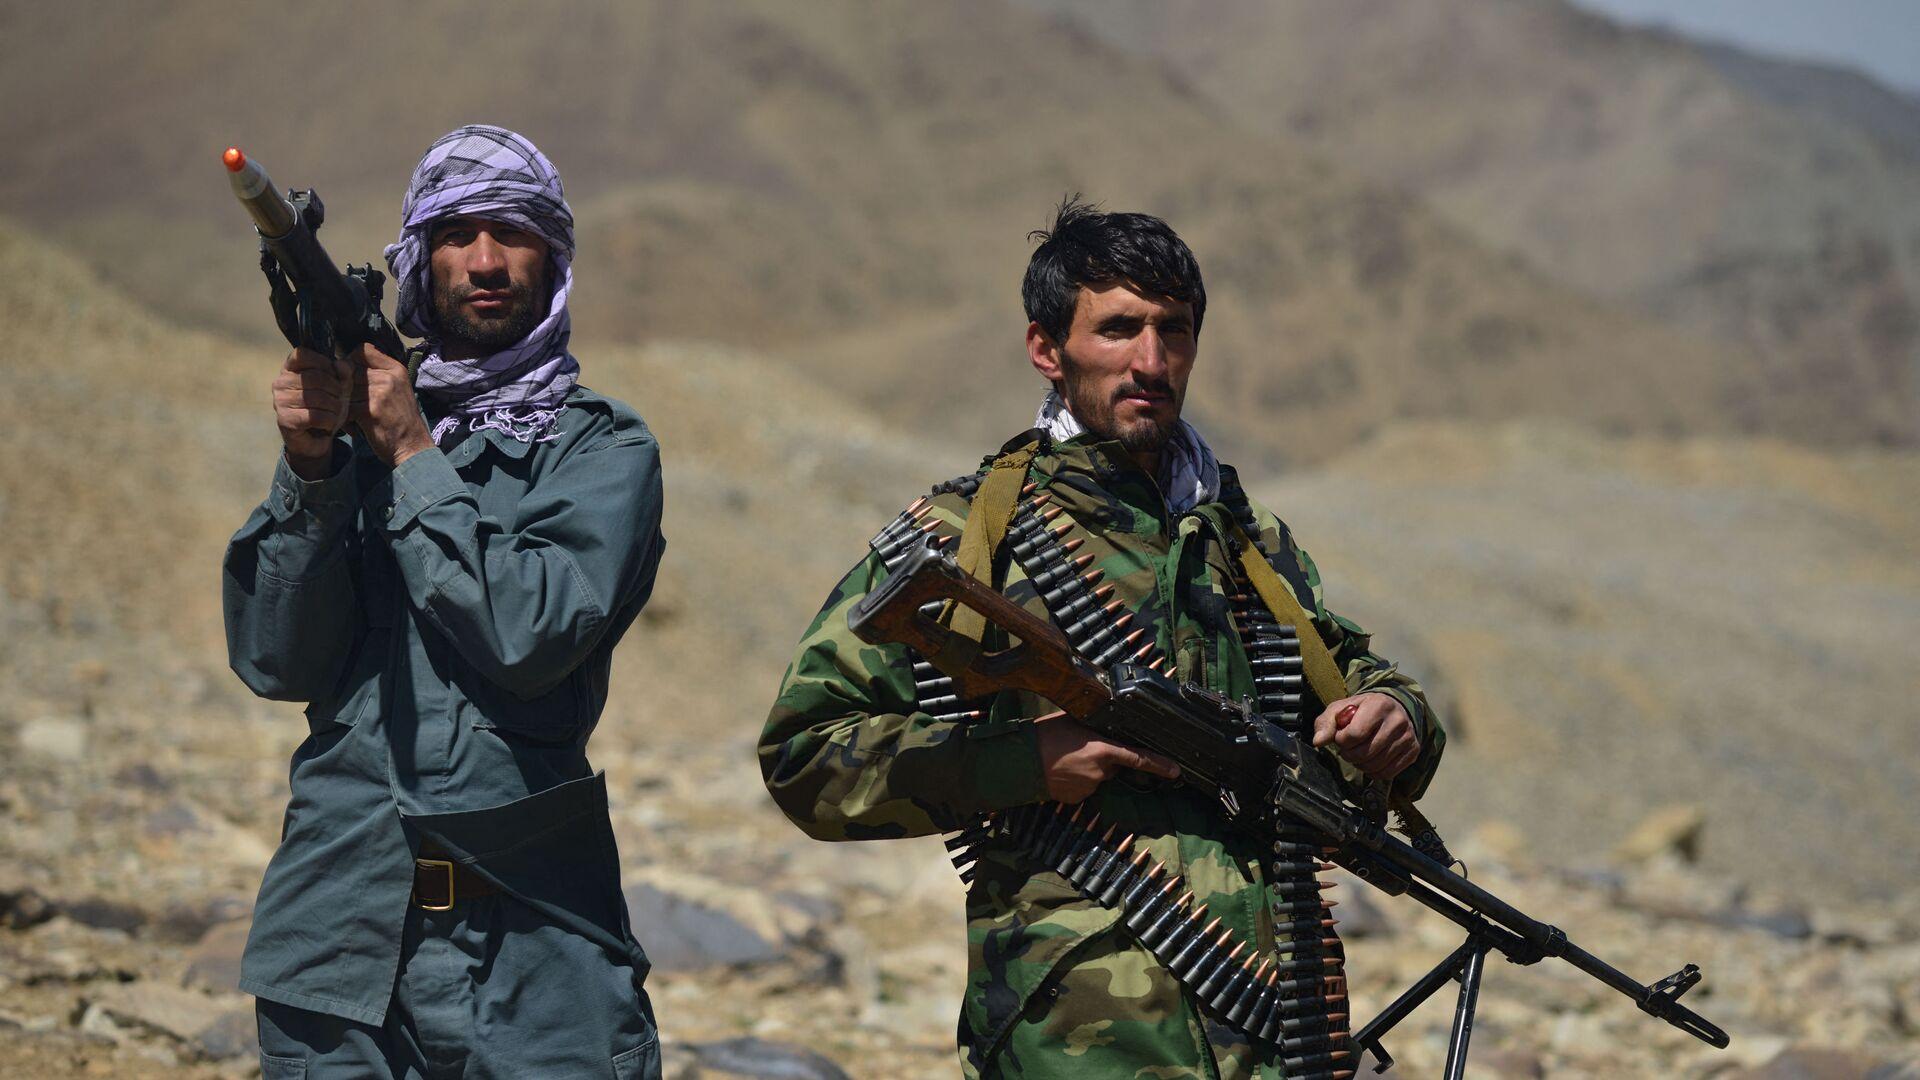 Движение афганского сопротивления на страже в провинции Панджшер - Sputnik Таджикистан, 1920, 16.09.2021